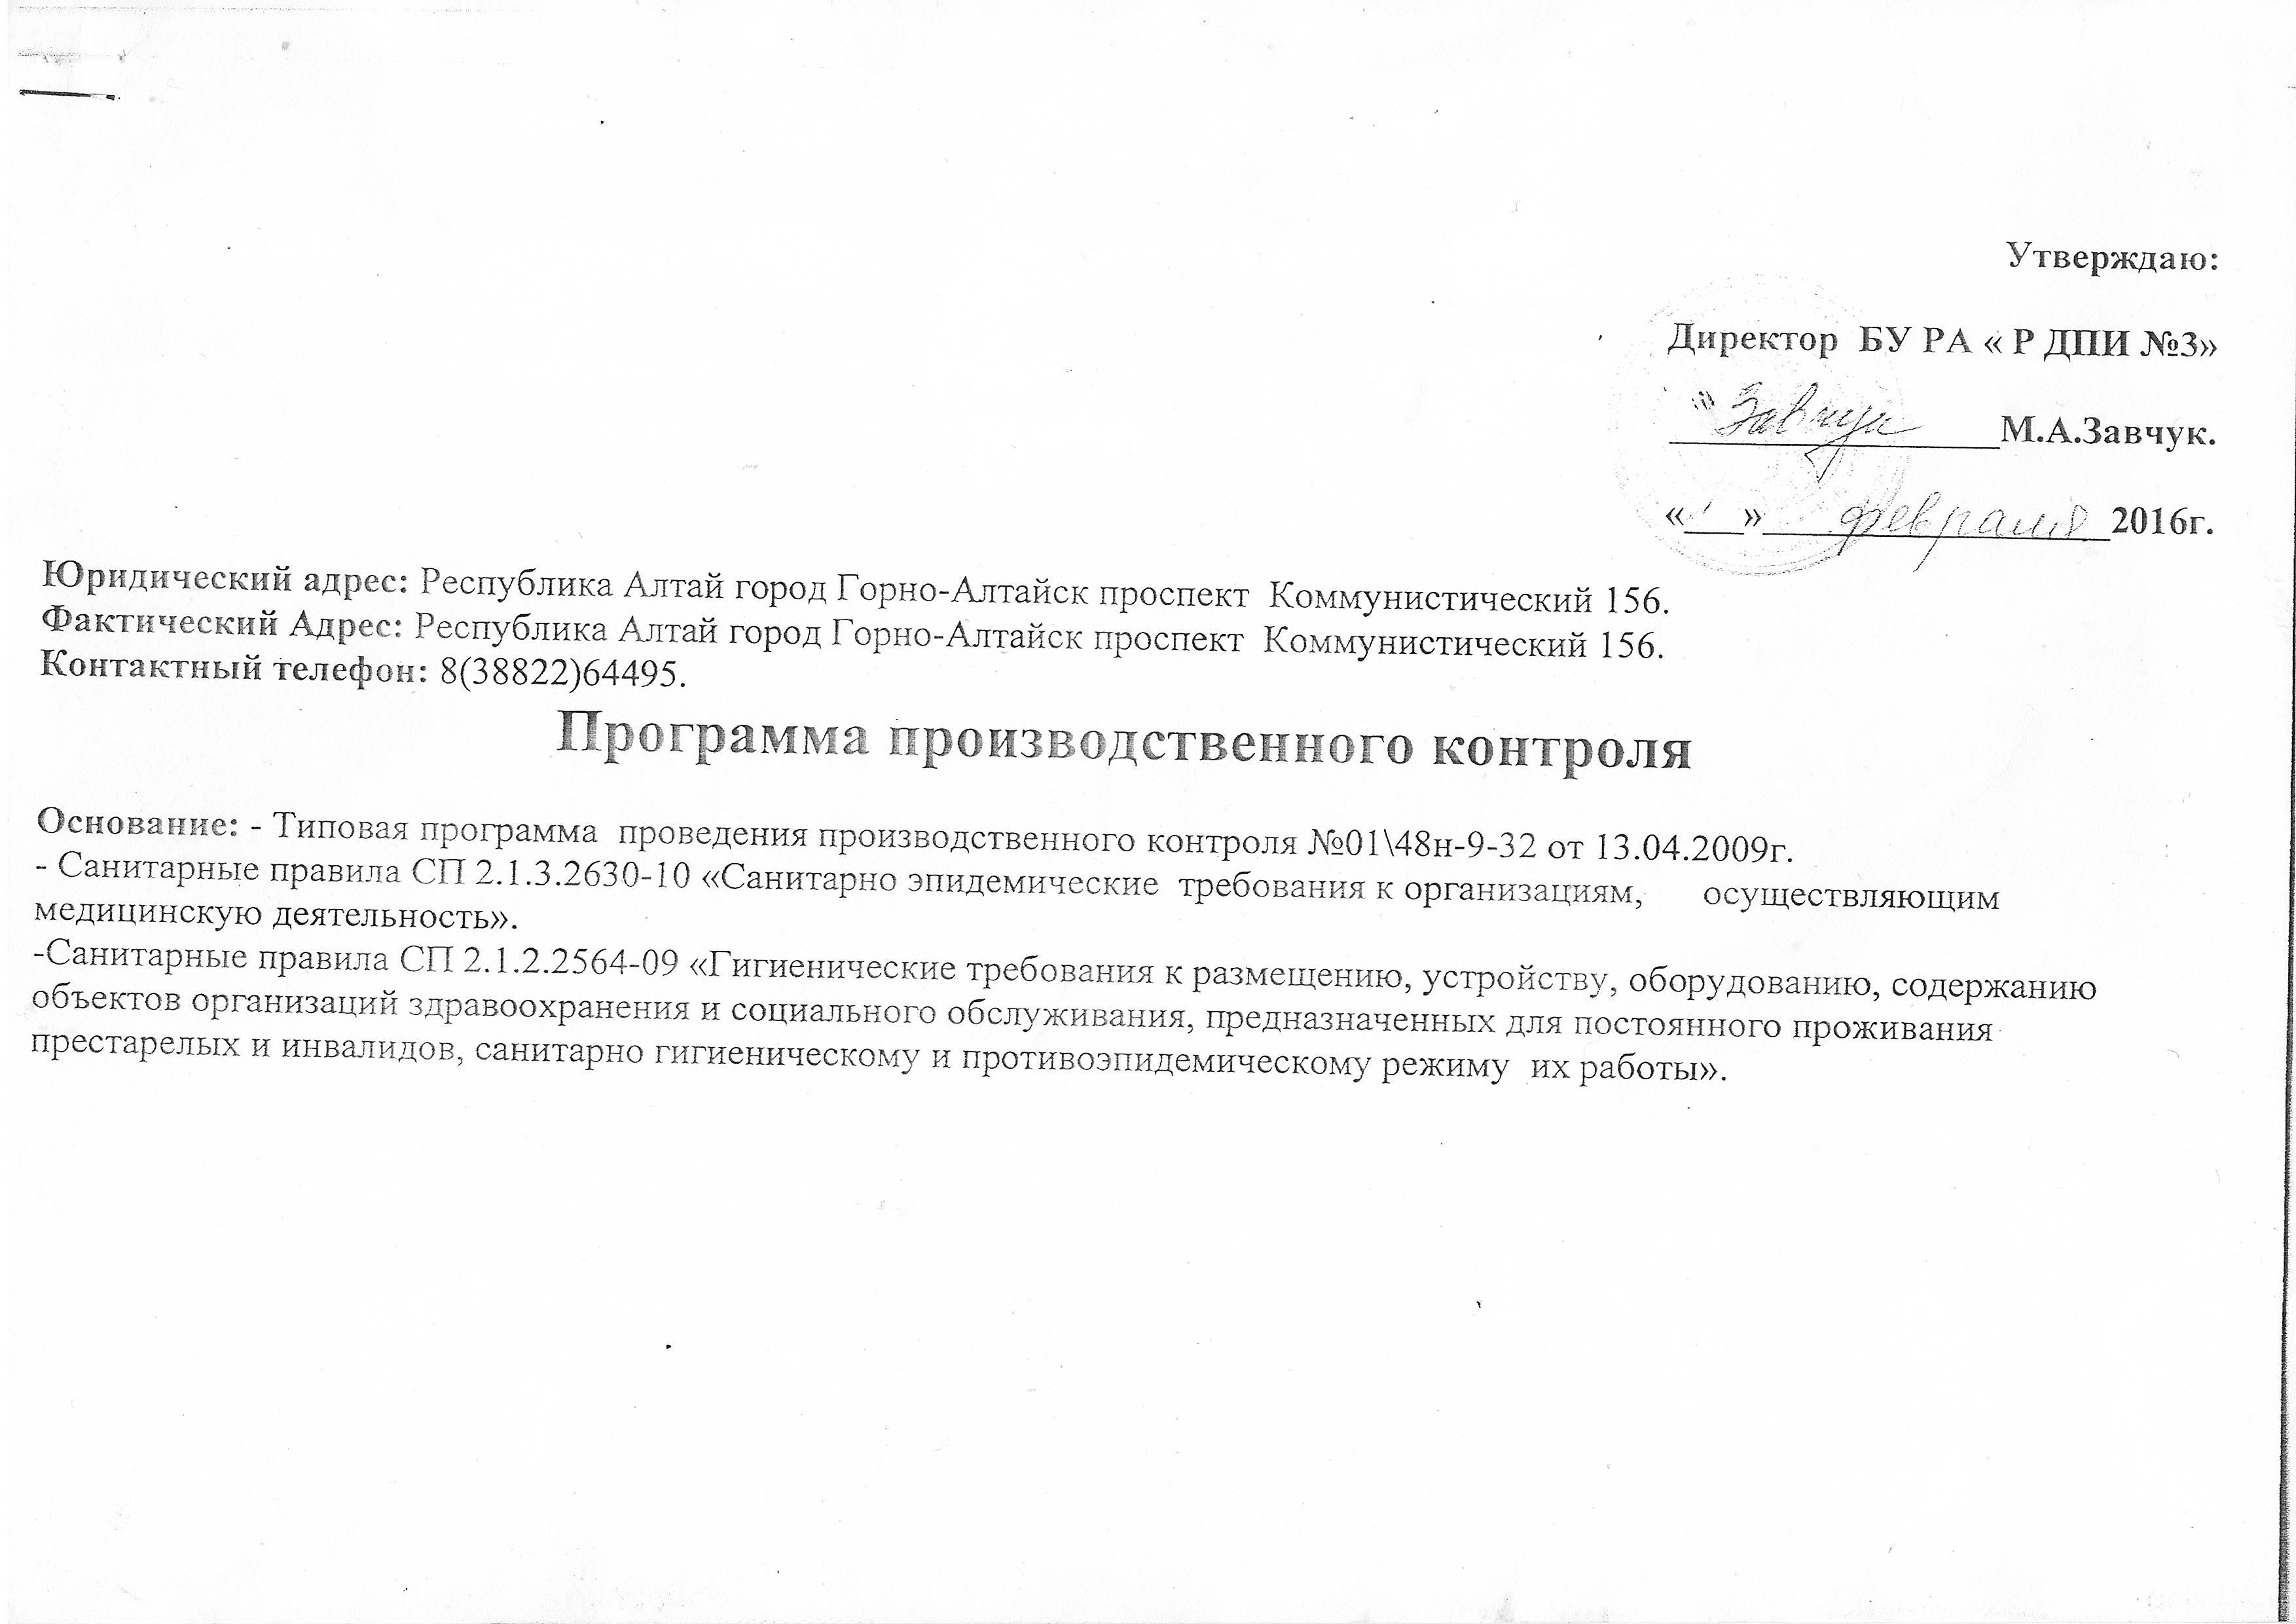 Отчет о производственном контроле образец скачать Требования форме представления образец отчета производственный контроль даны приказ фсэтан 23 Зарегистрировано министерстве юстиции российской федерации